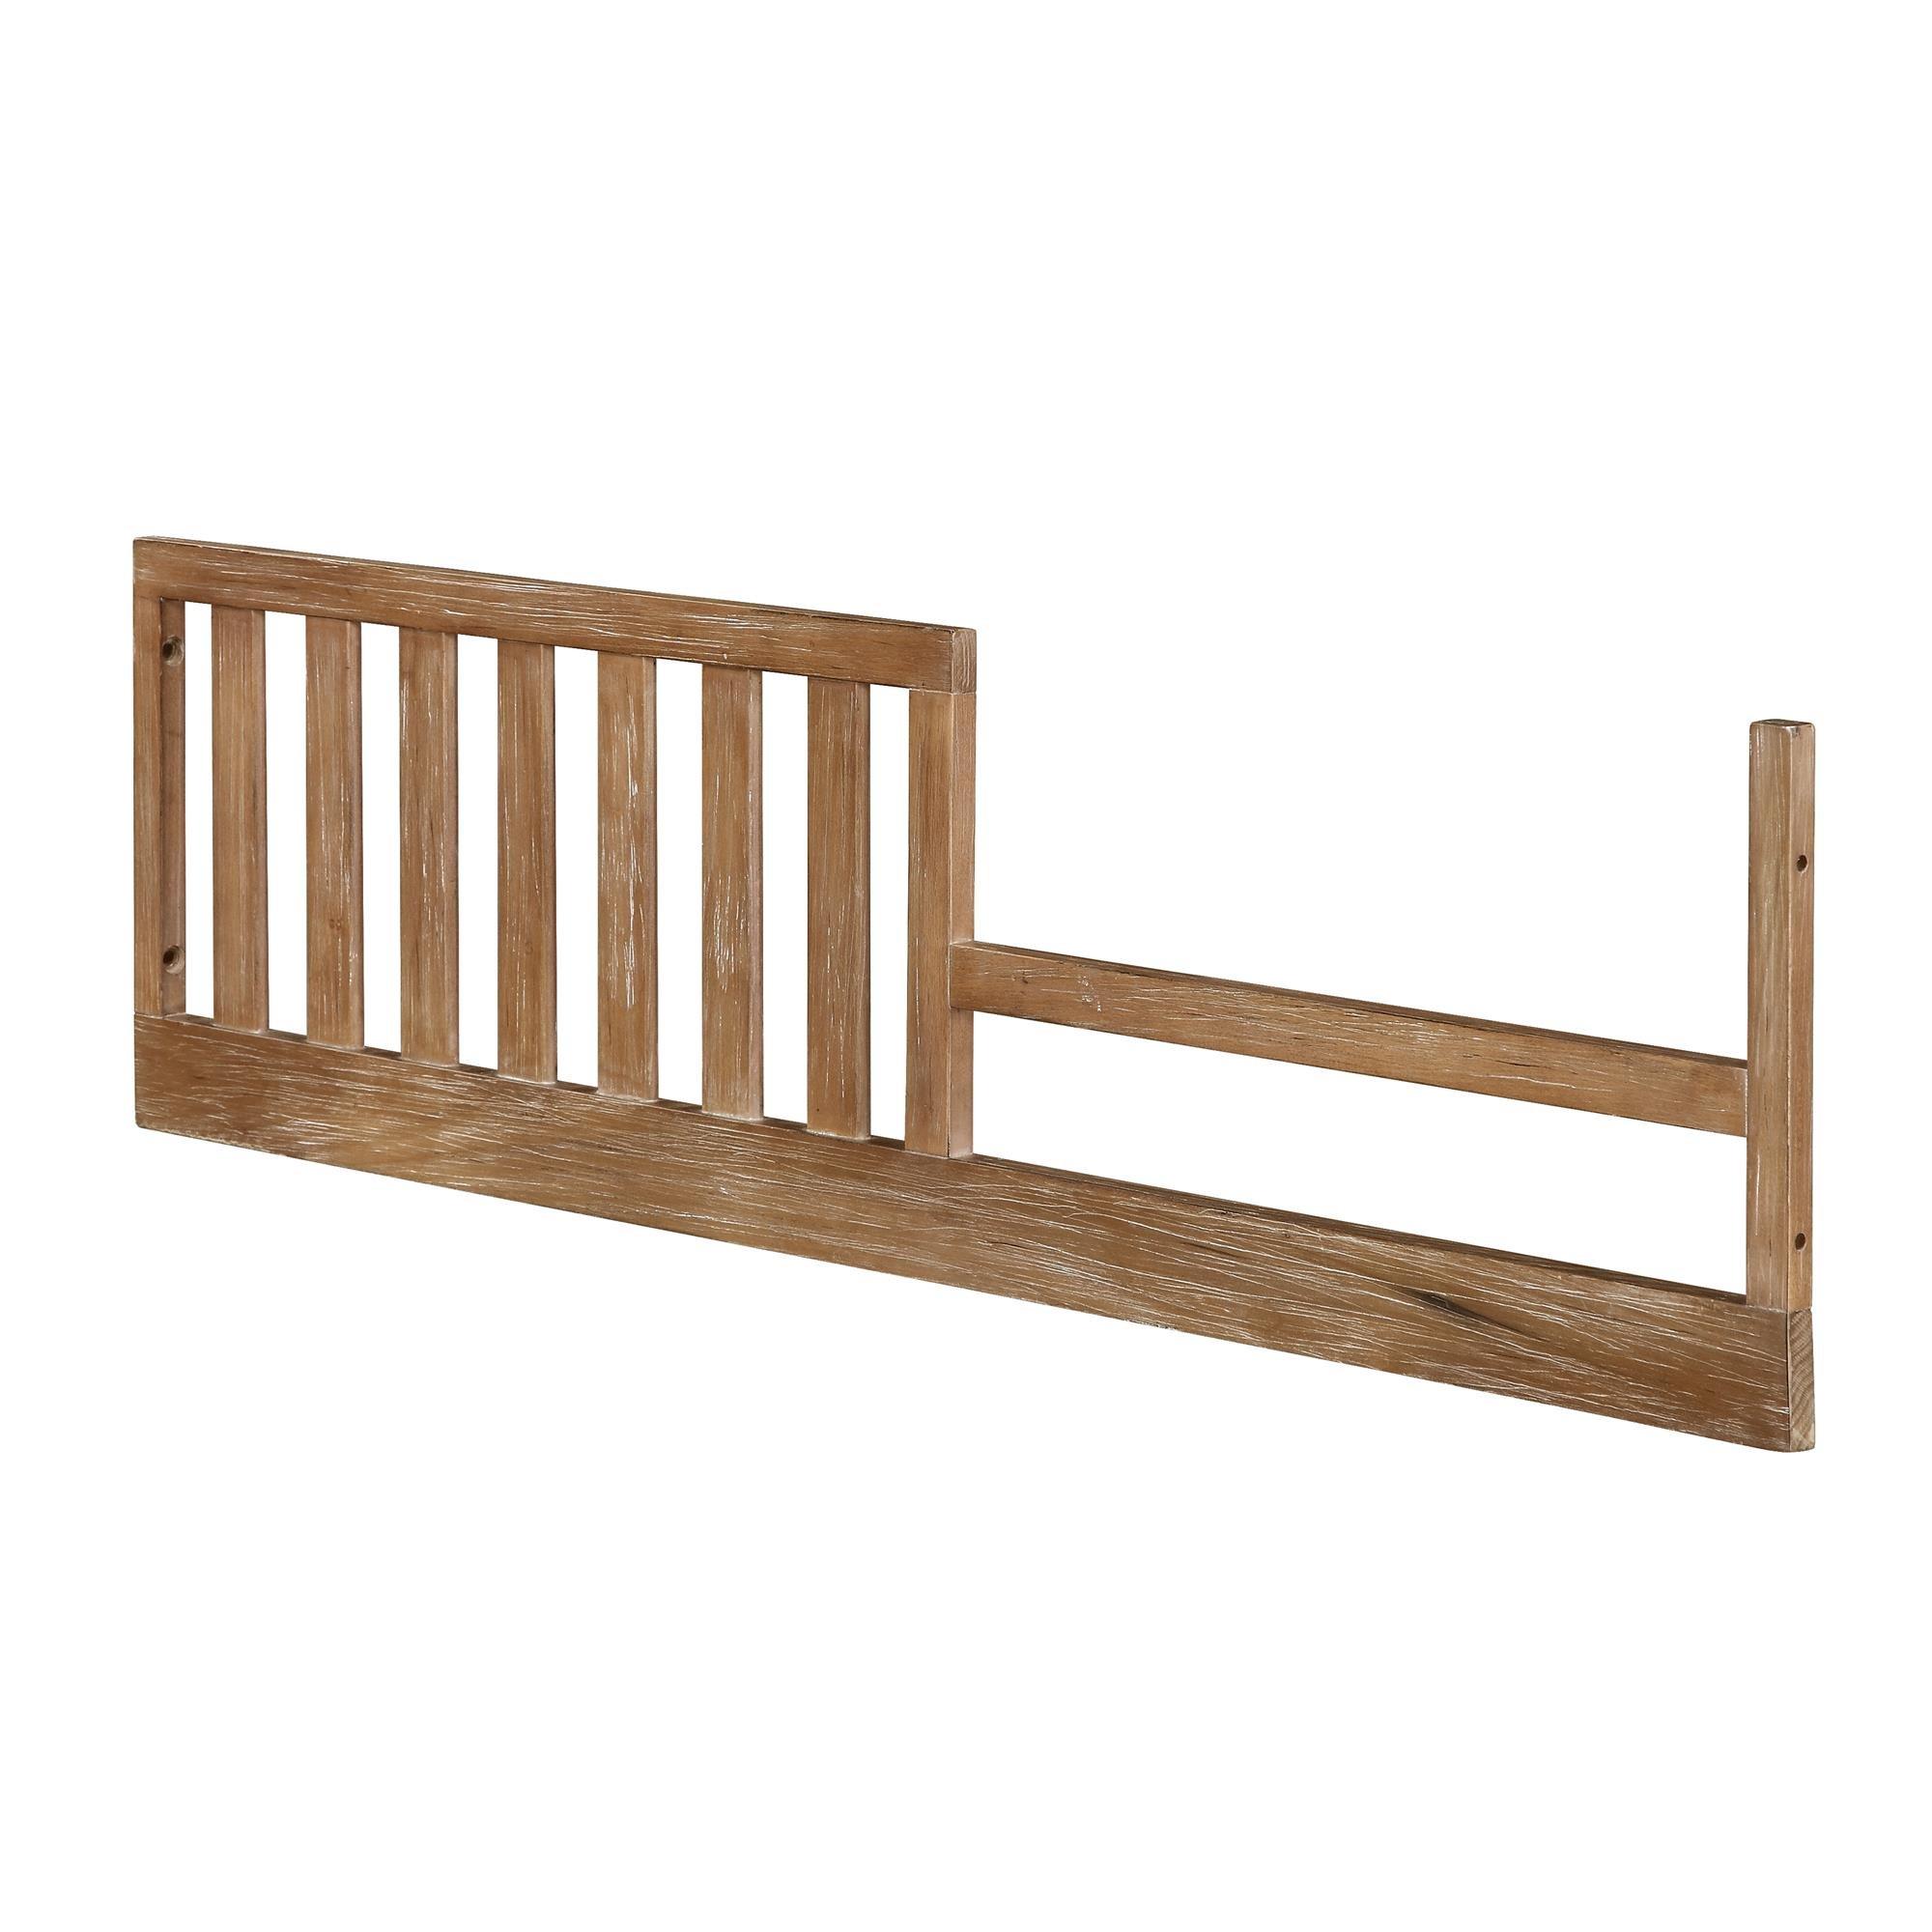 Bertini Pembrooke Toddler Bed Conversion kit in Natural Rustic